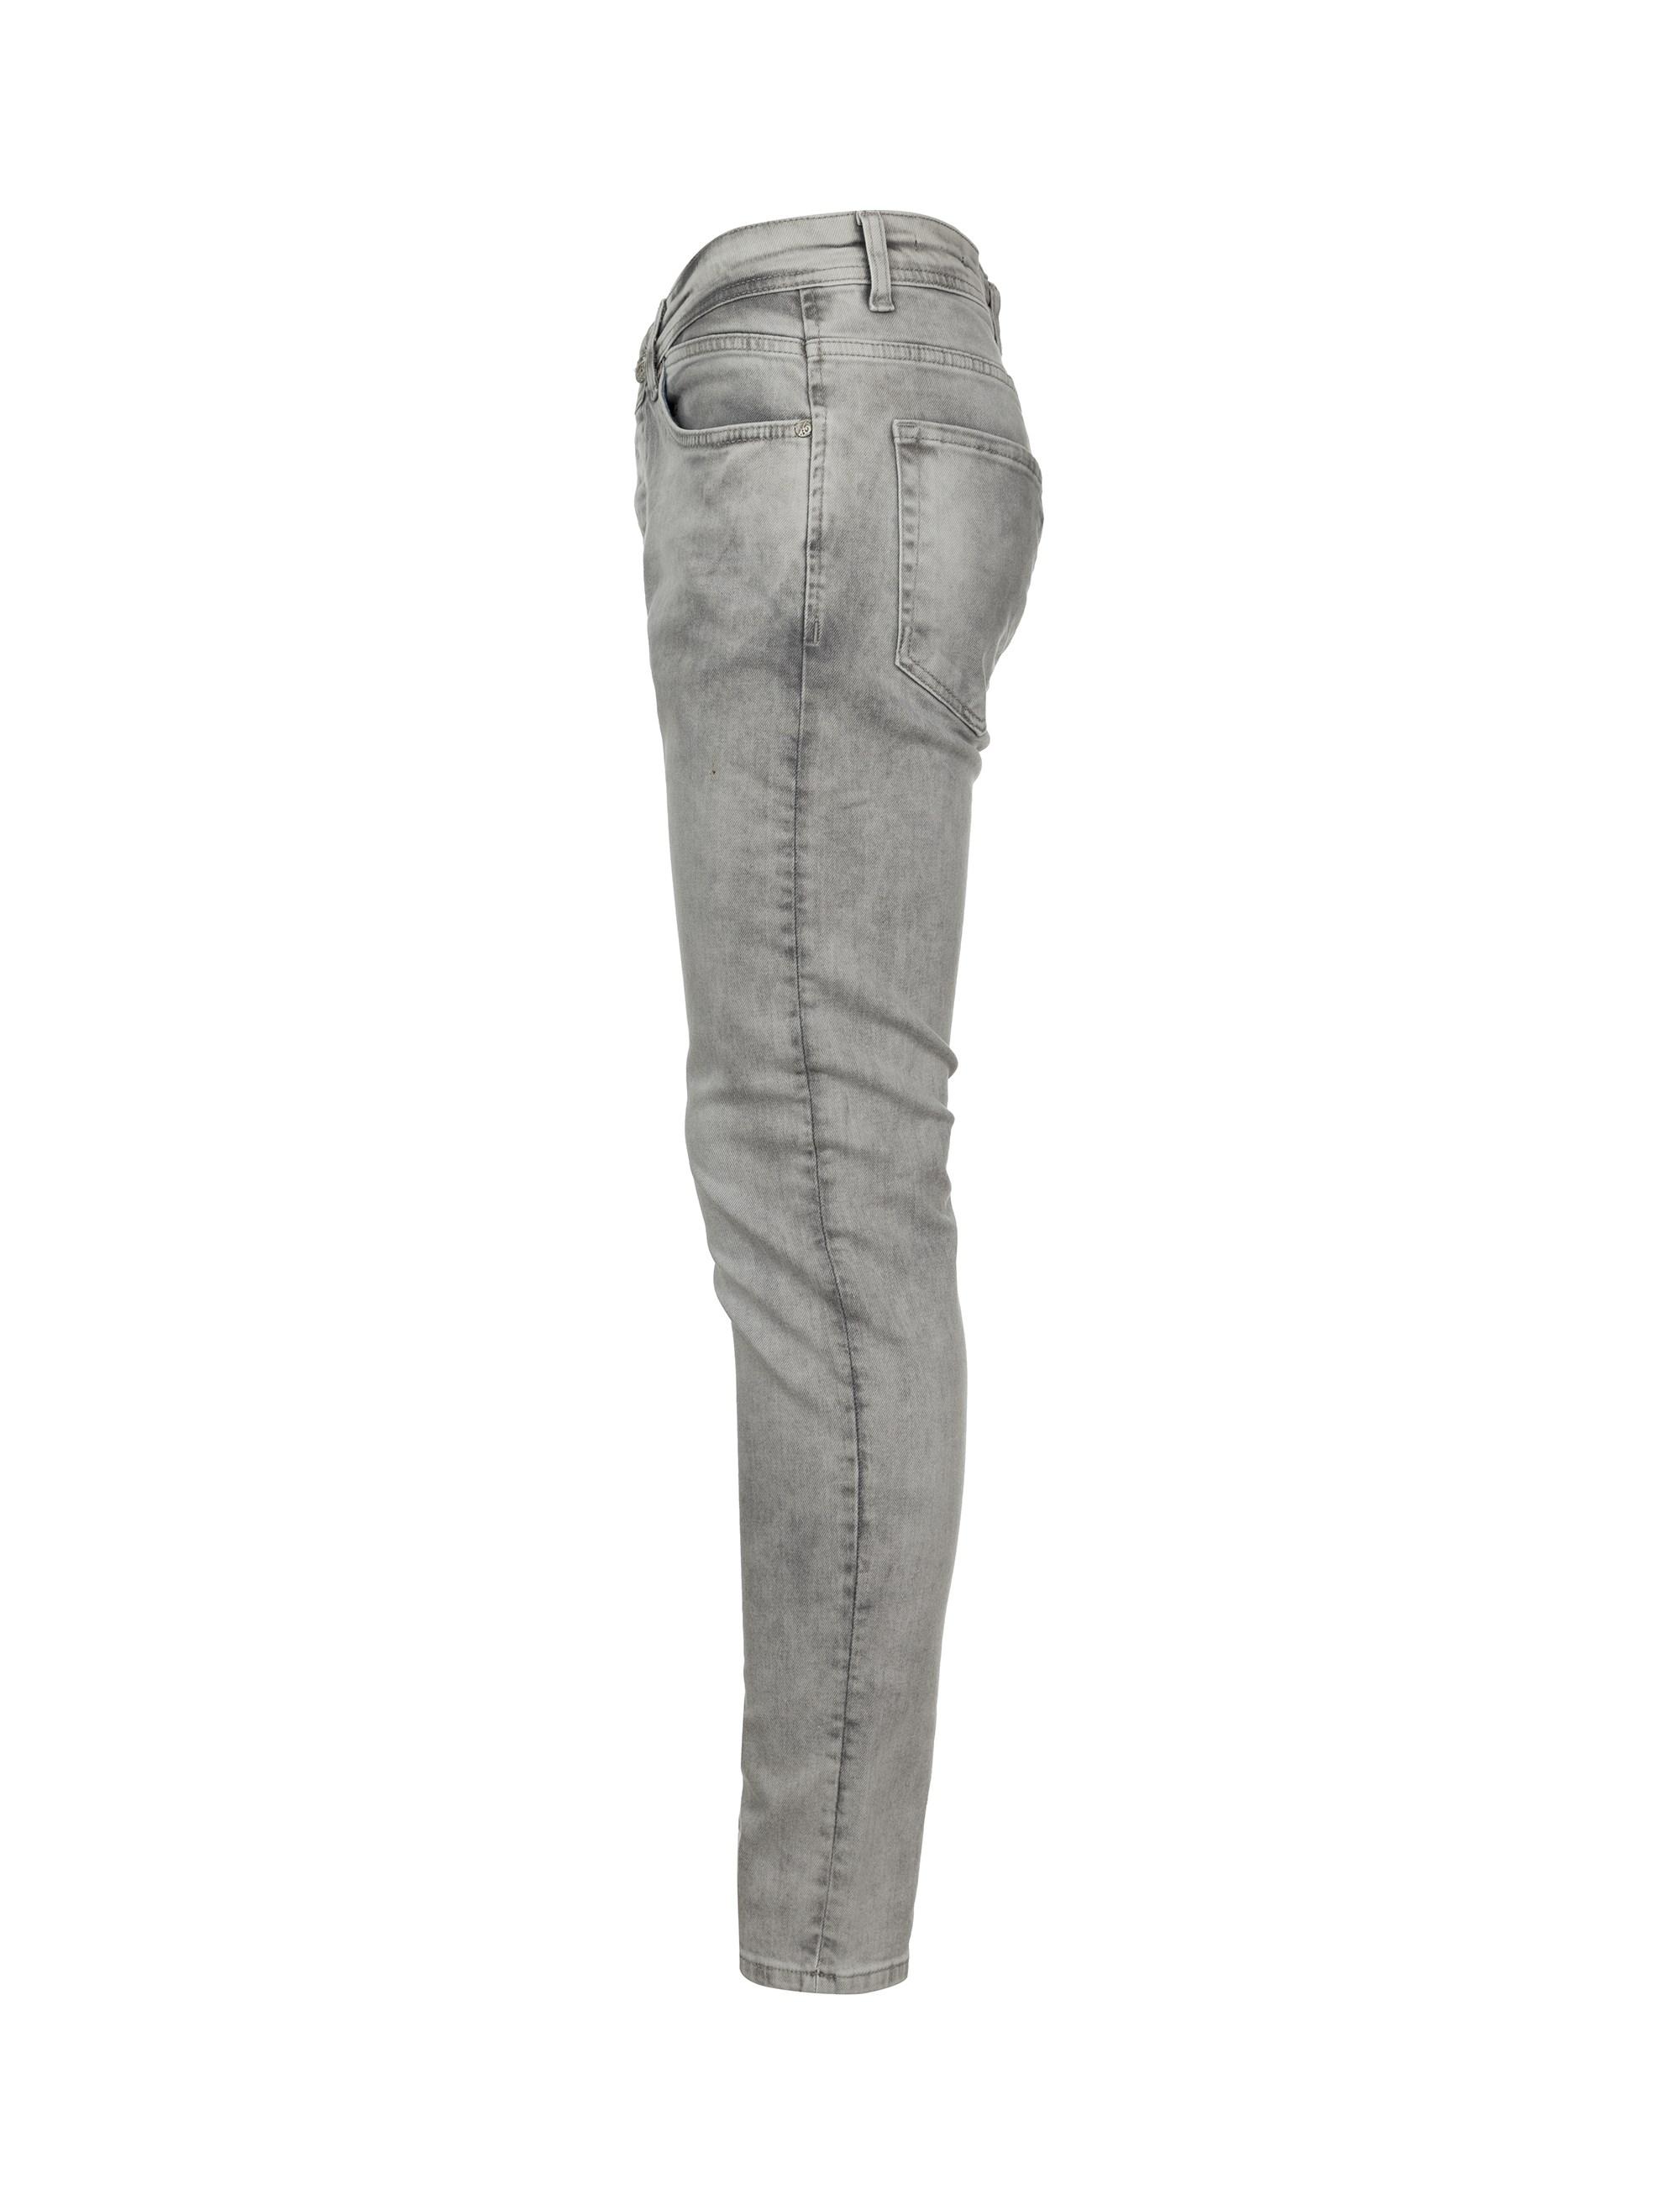 شلوار جین راسته مردانه - بادی اسپینر - طوسي - 3